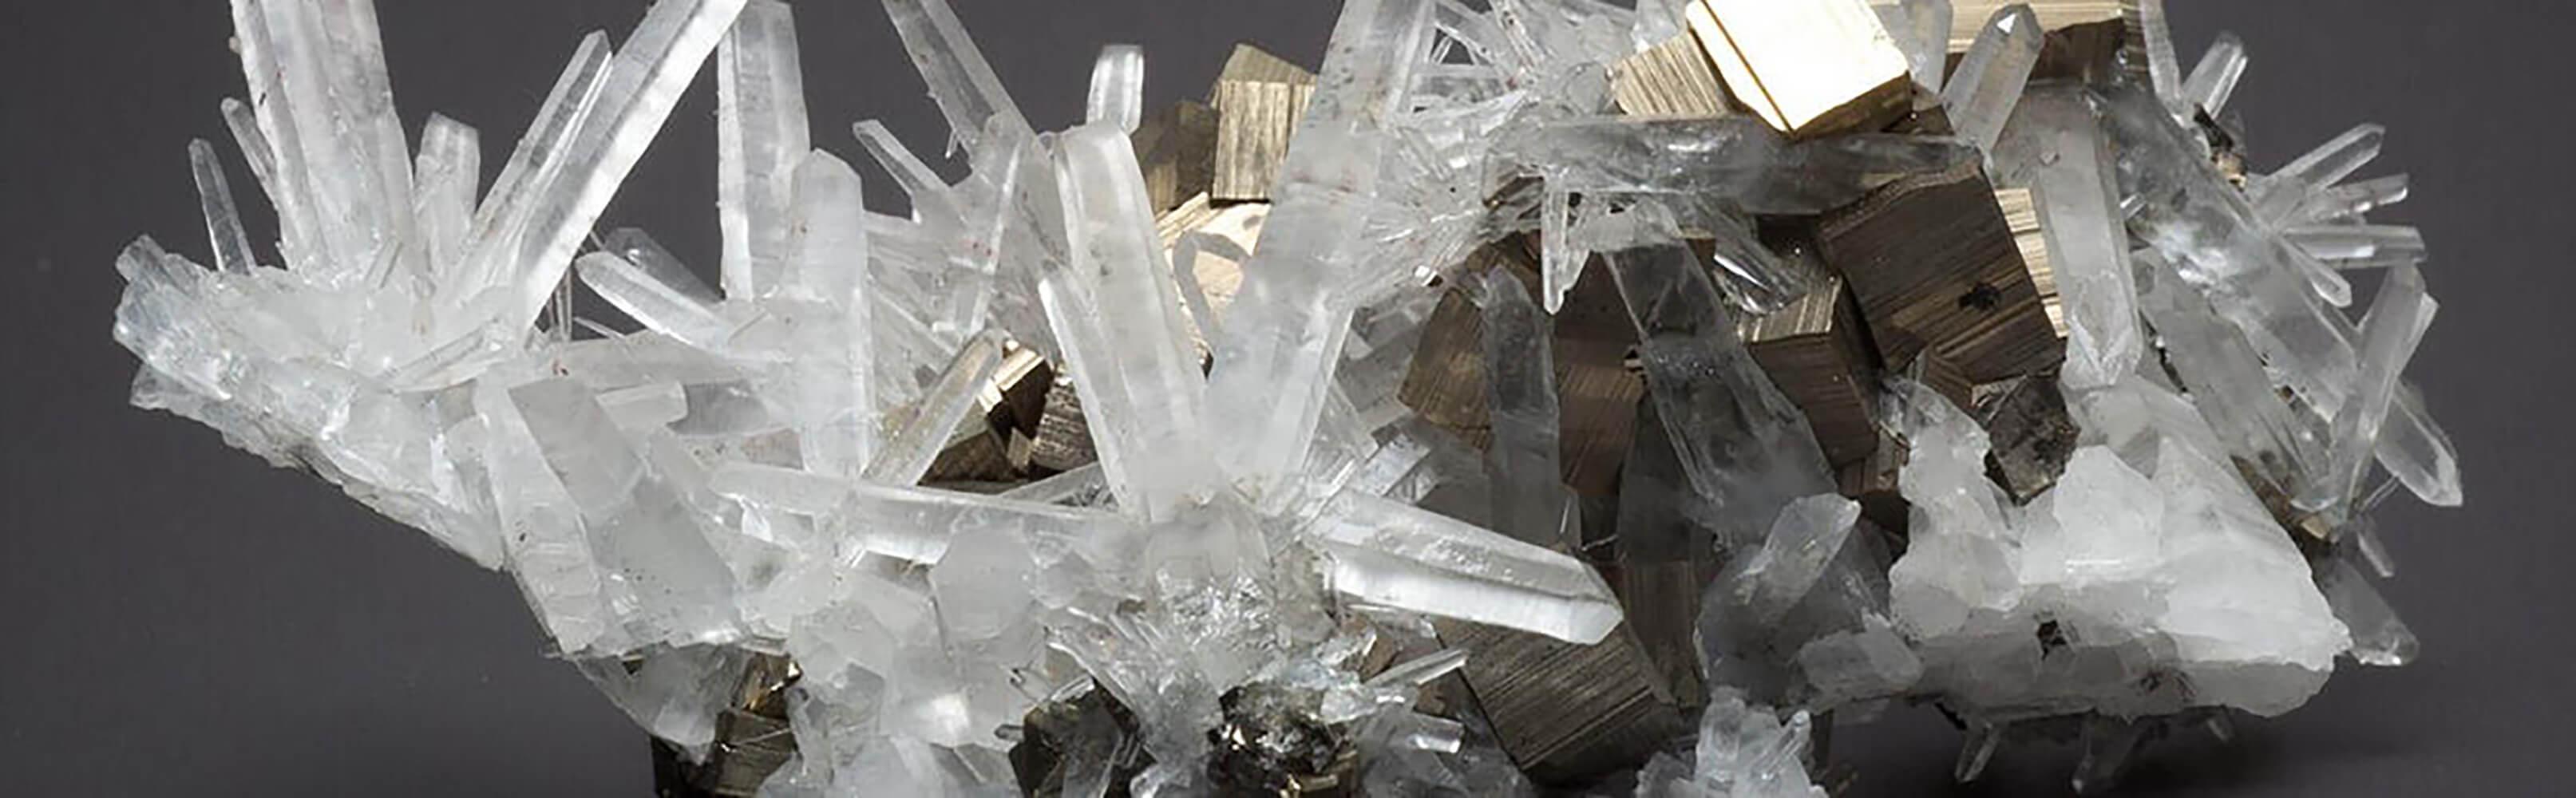 Mineralienmuseum Einsiedeln 1